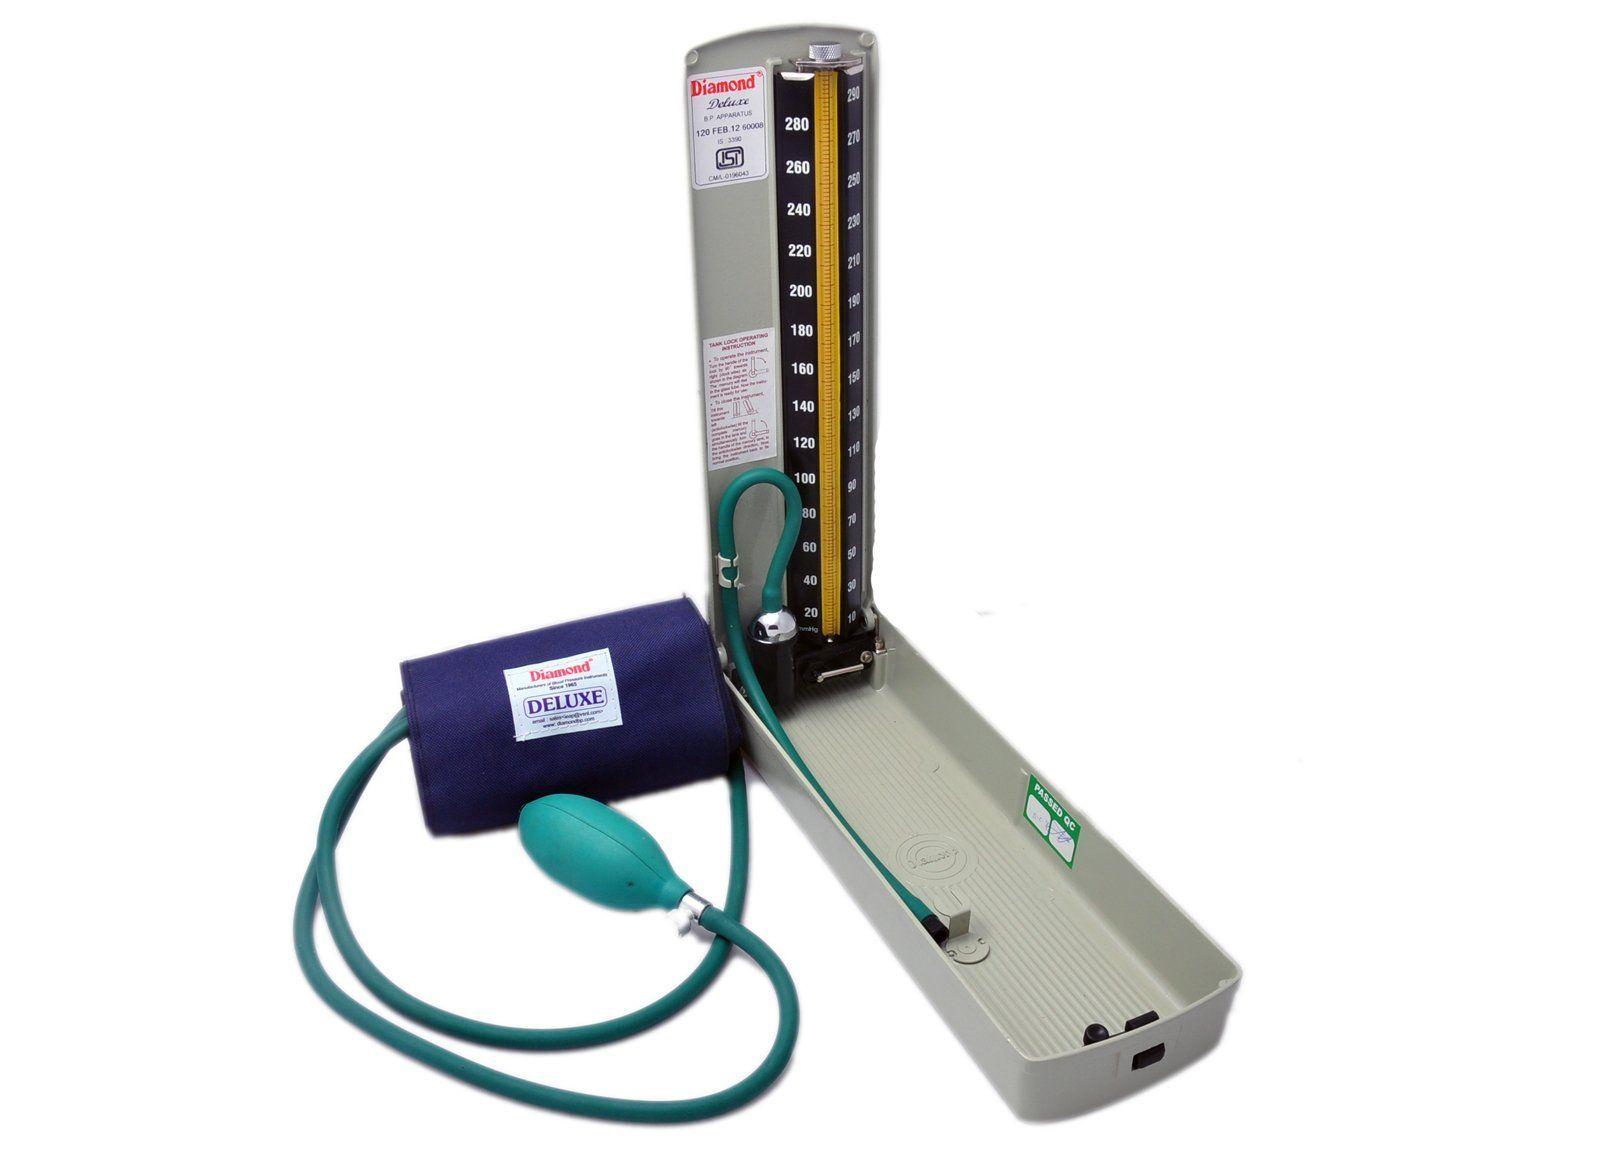 Jasmine Surgical-Diamond BP Mercury Meter/ Apparatus - DELUX